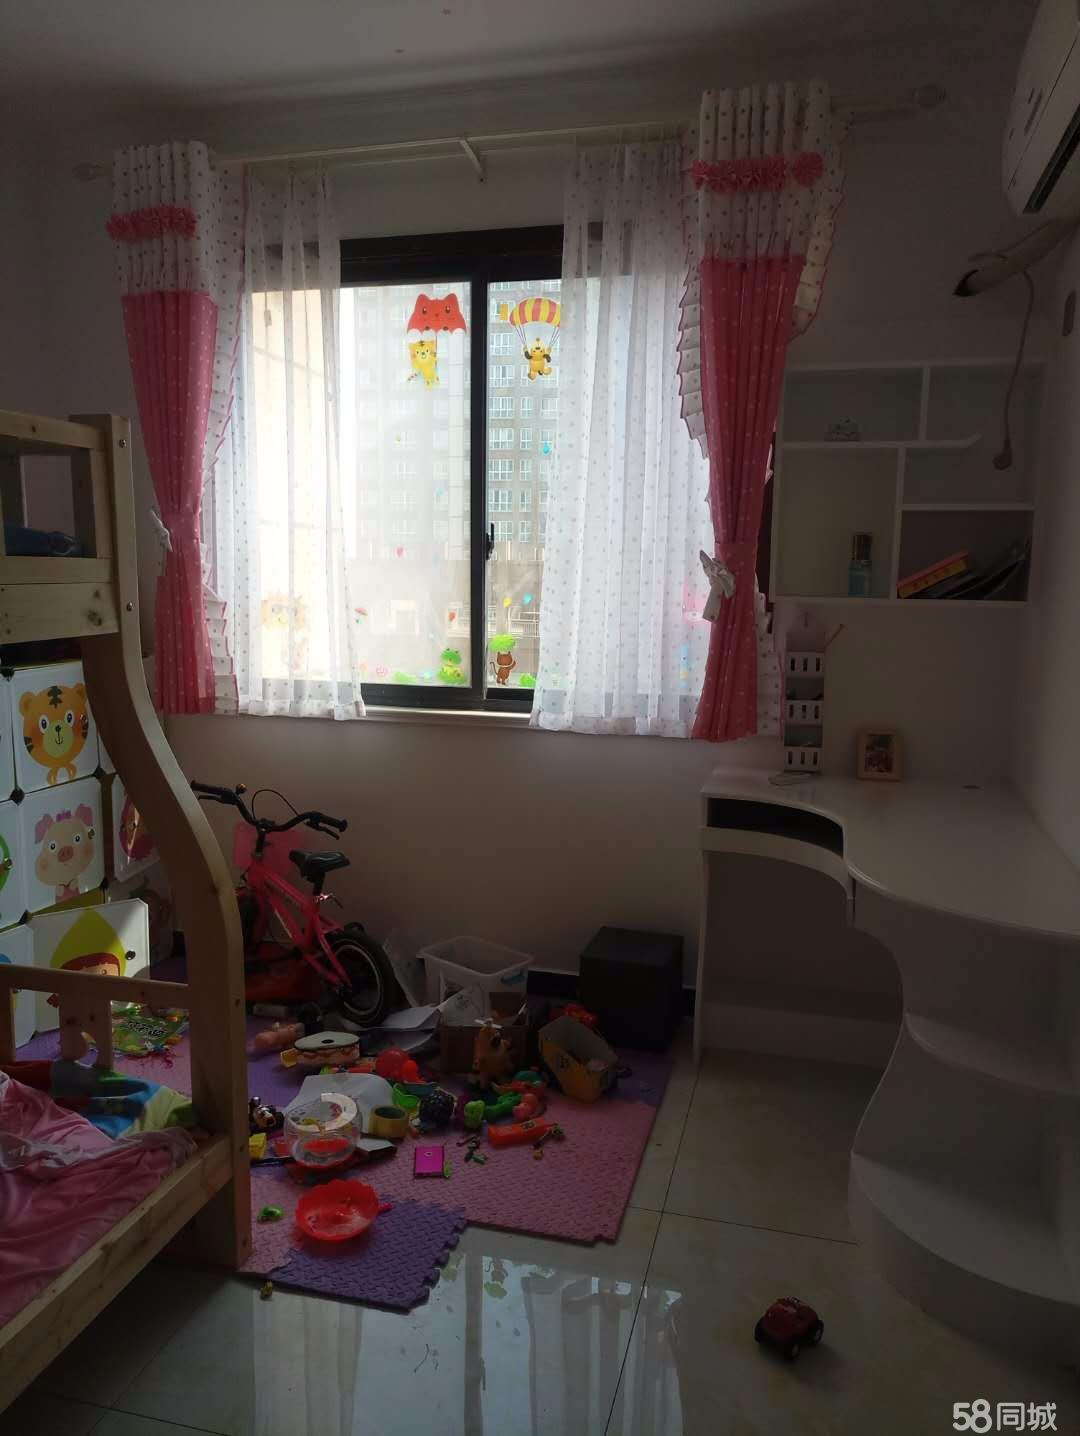 山阳丰和大厦3室2厅2卫147平米精装修带家具家电